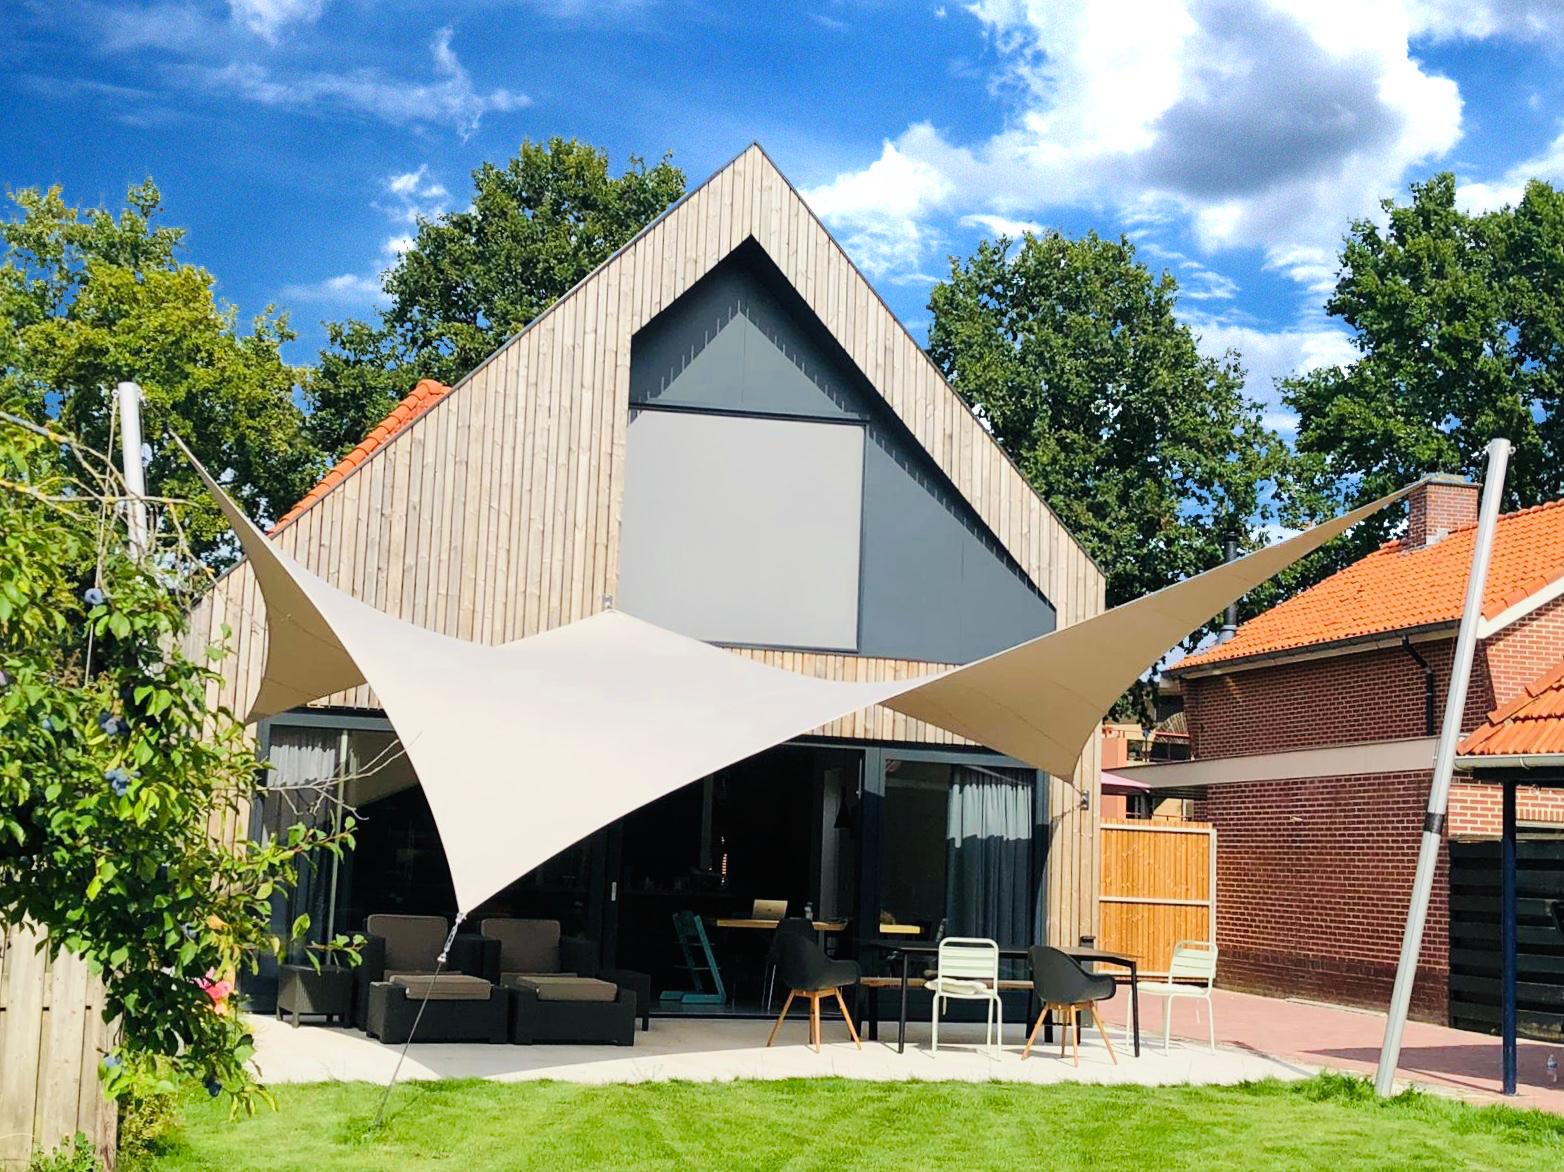 Een Texstyleroof is de perfecte oplossing als u een buitenruimte wilt overkappen, maar geen permanente constructie wenst.